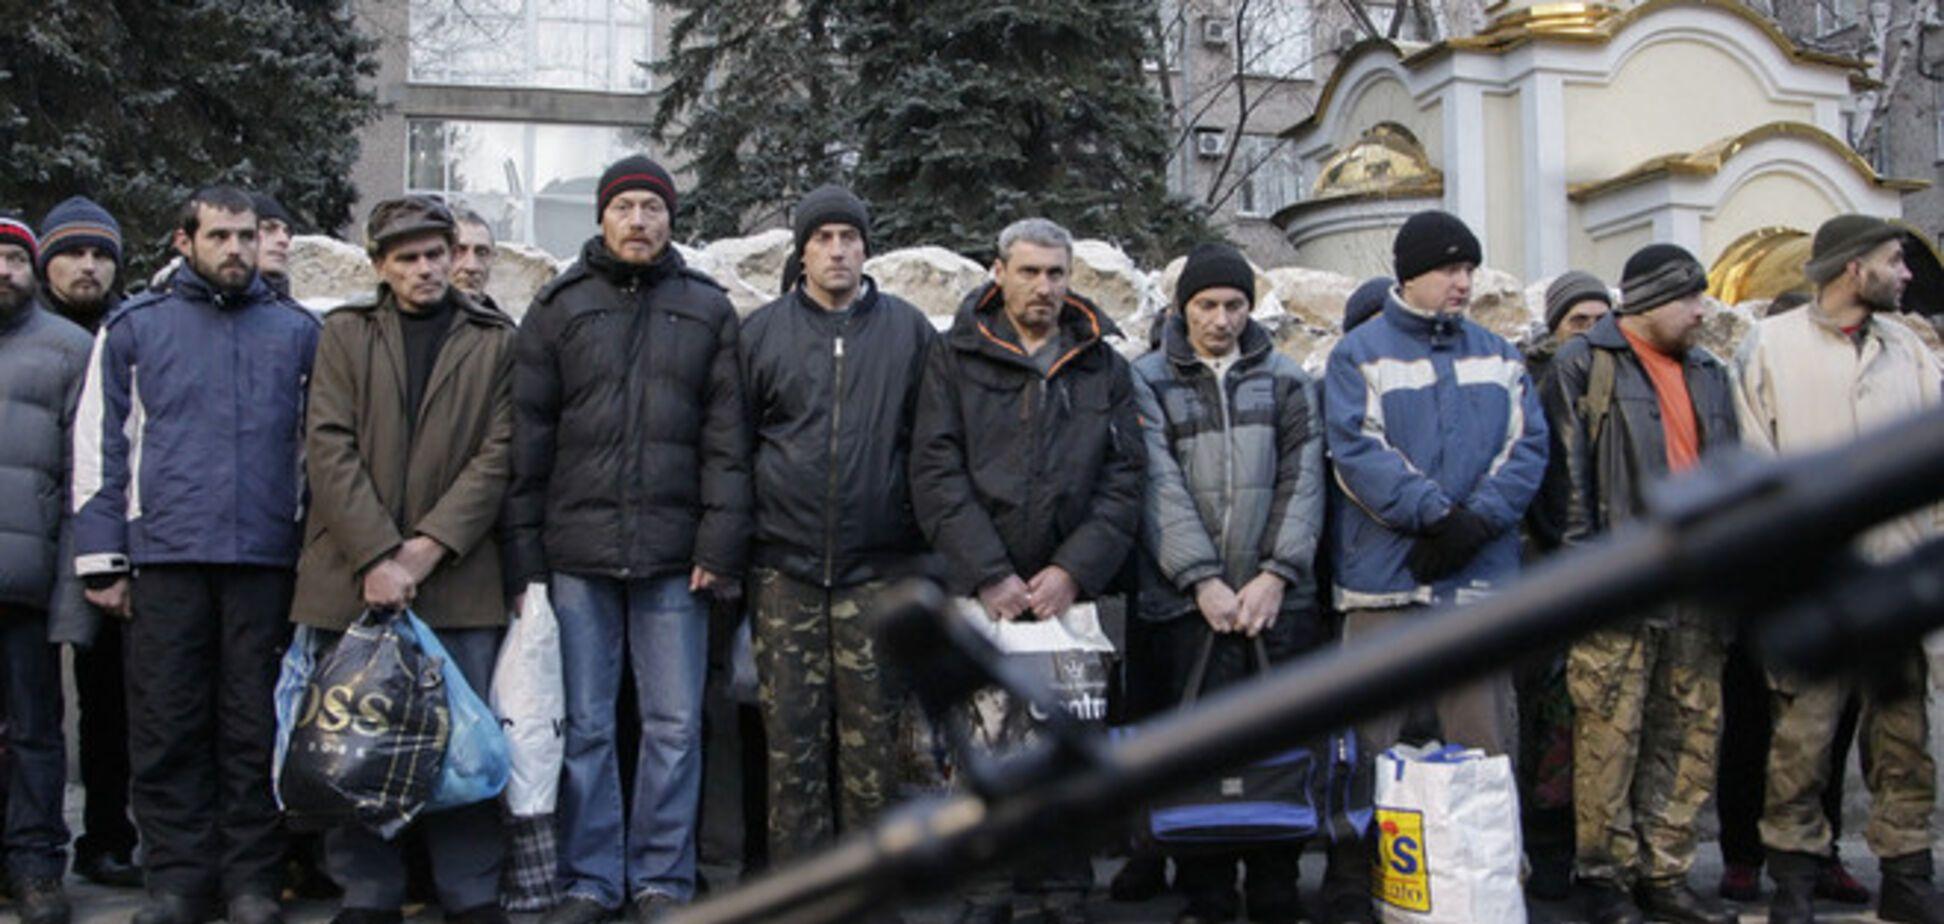 Из плена террористов освободили троих 'киборгов'